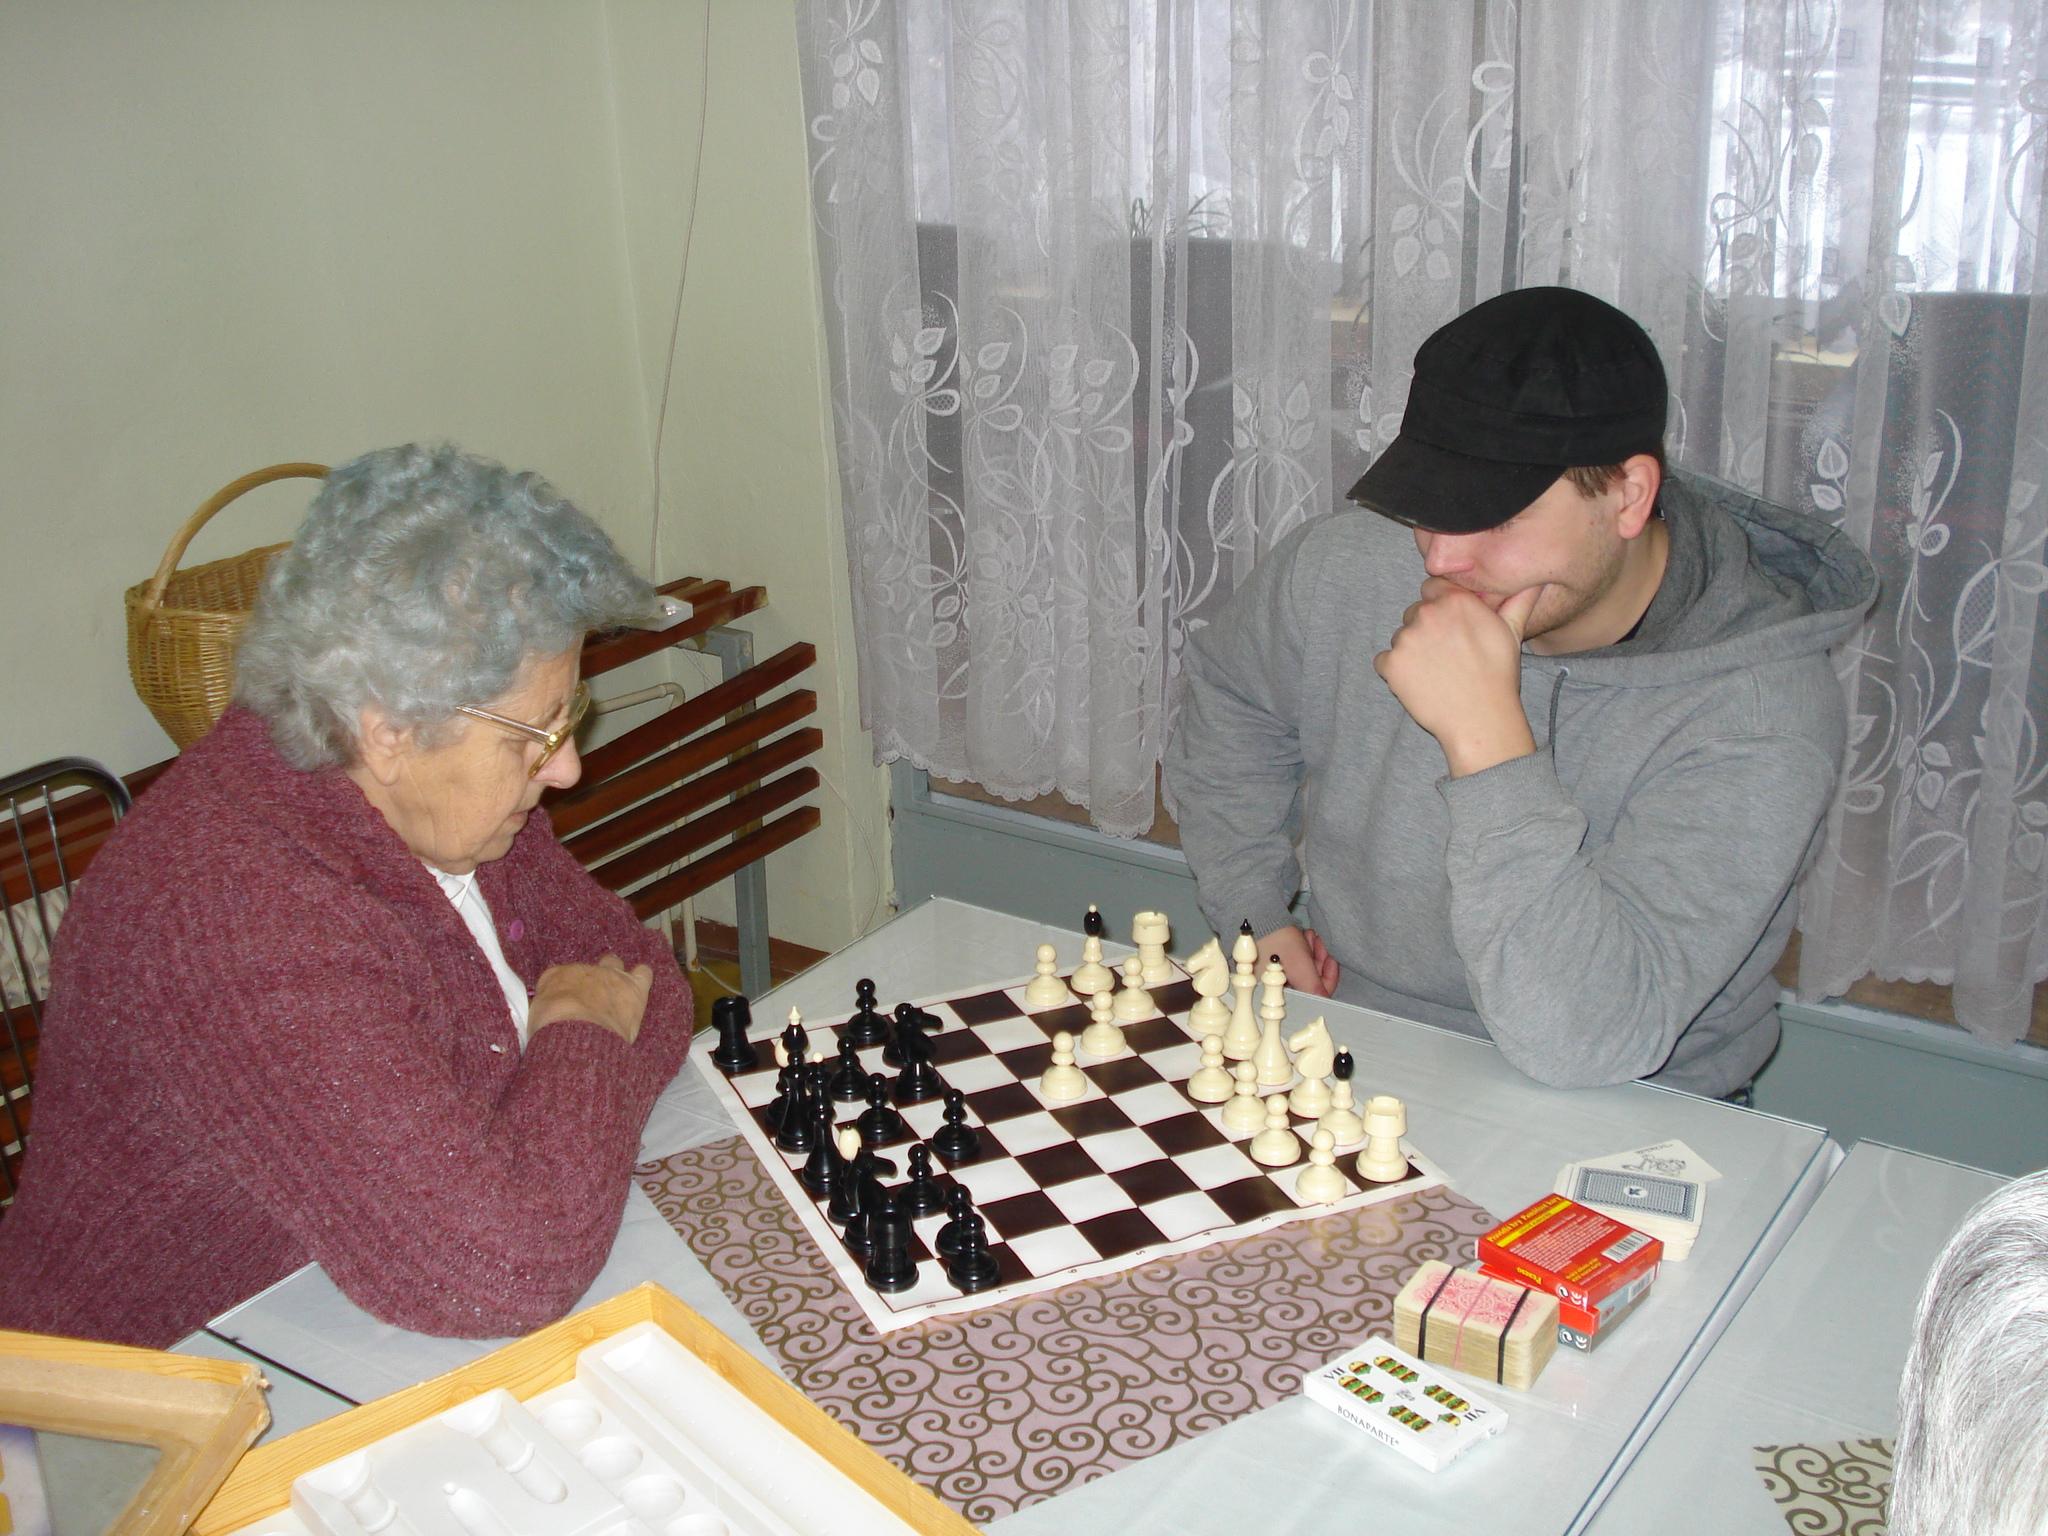 Spoločenské hry - dáma a šach 2011